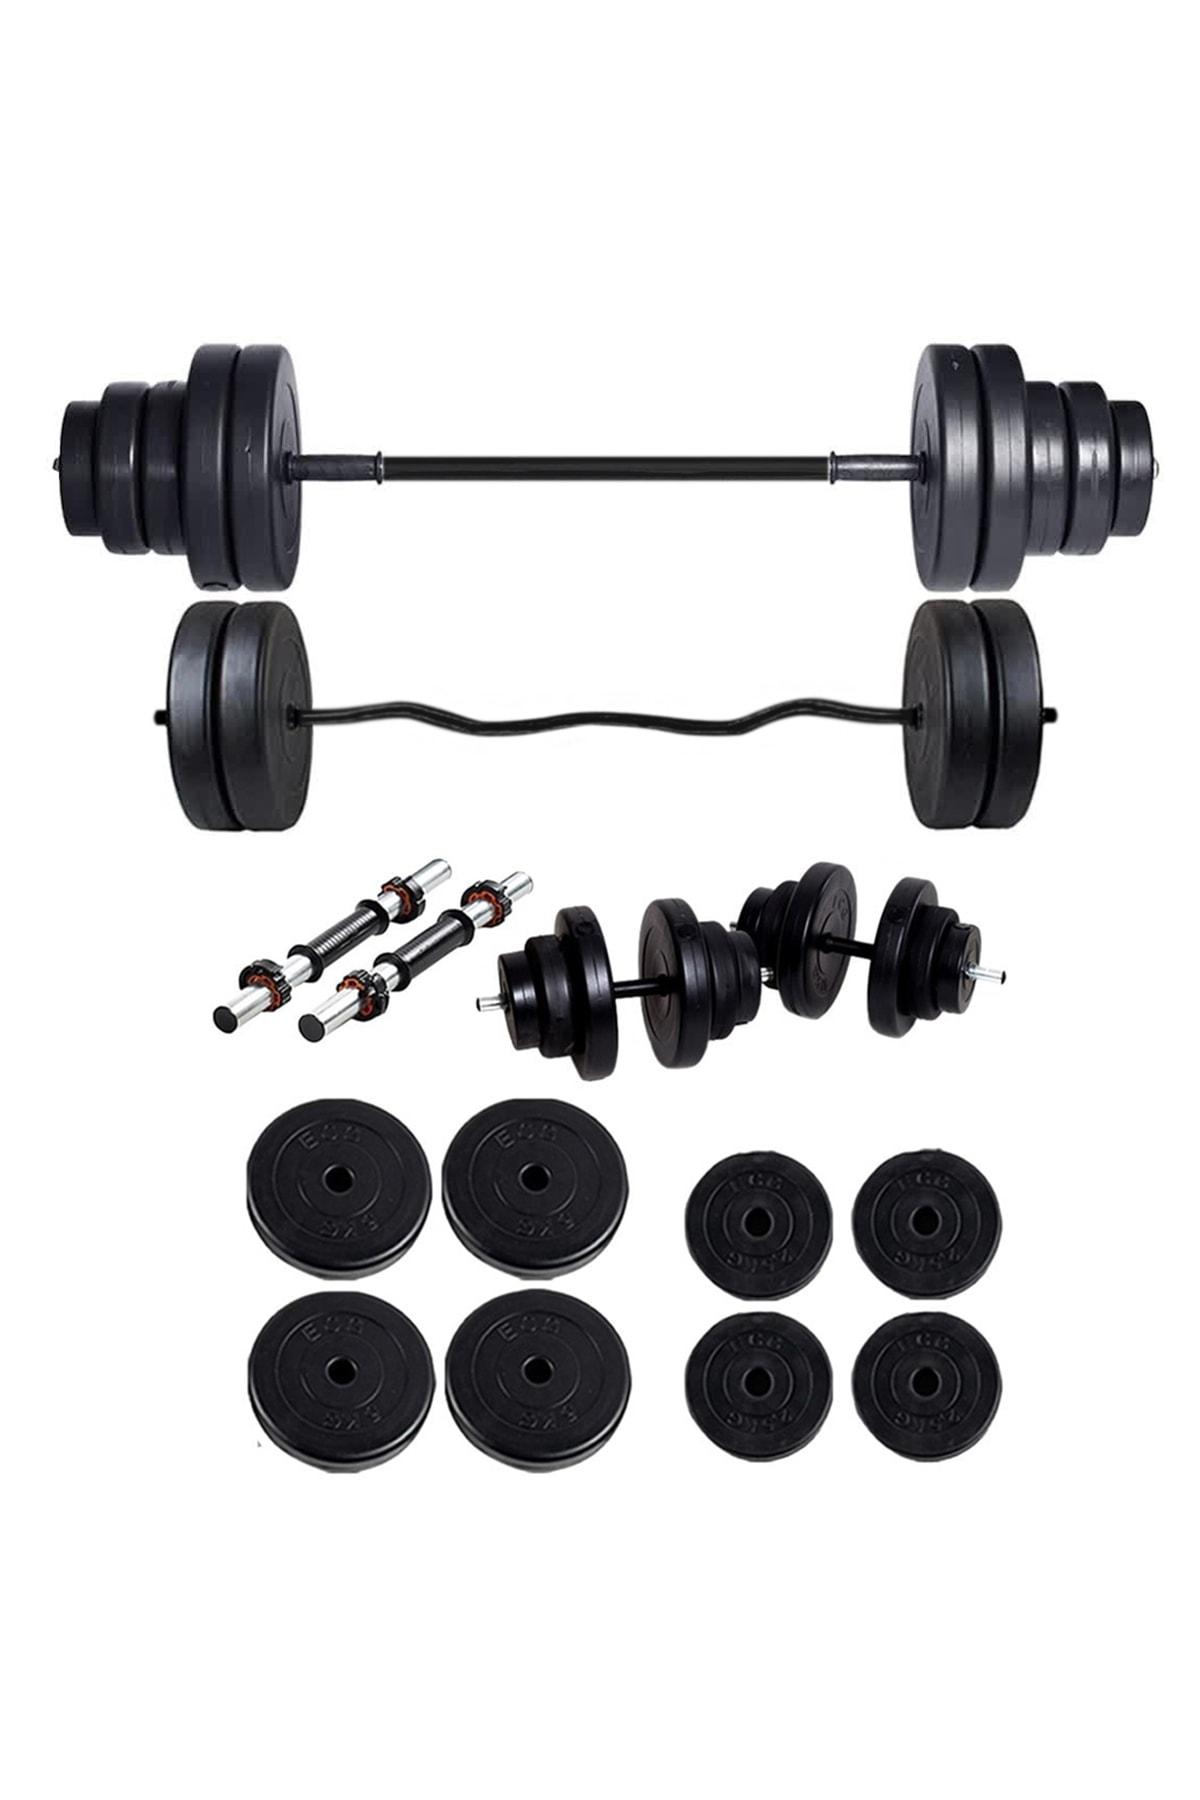 ECG spor 38 Kg Z BAR Halter Seti ve Dambıl Seti Ağırlık Fitness Seti 1